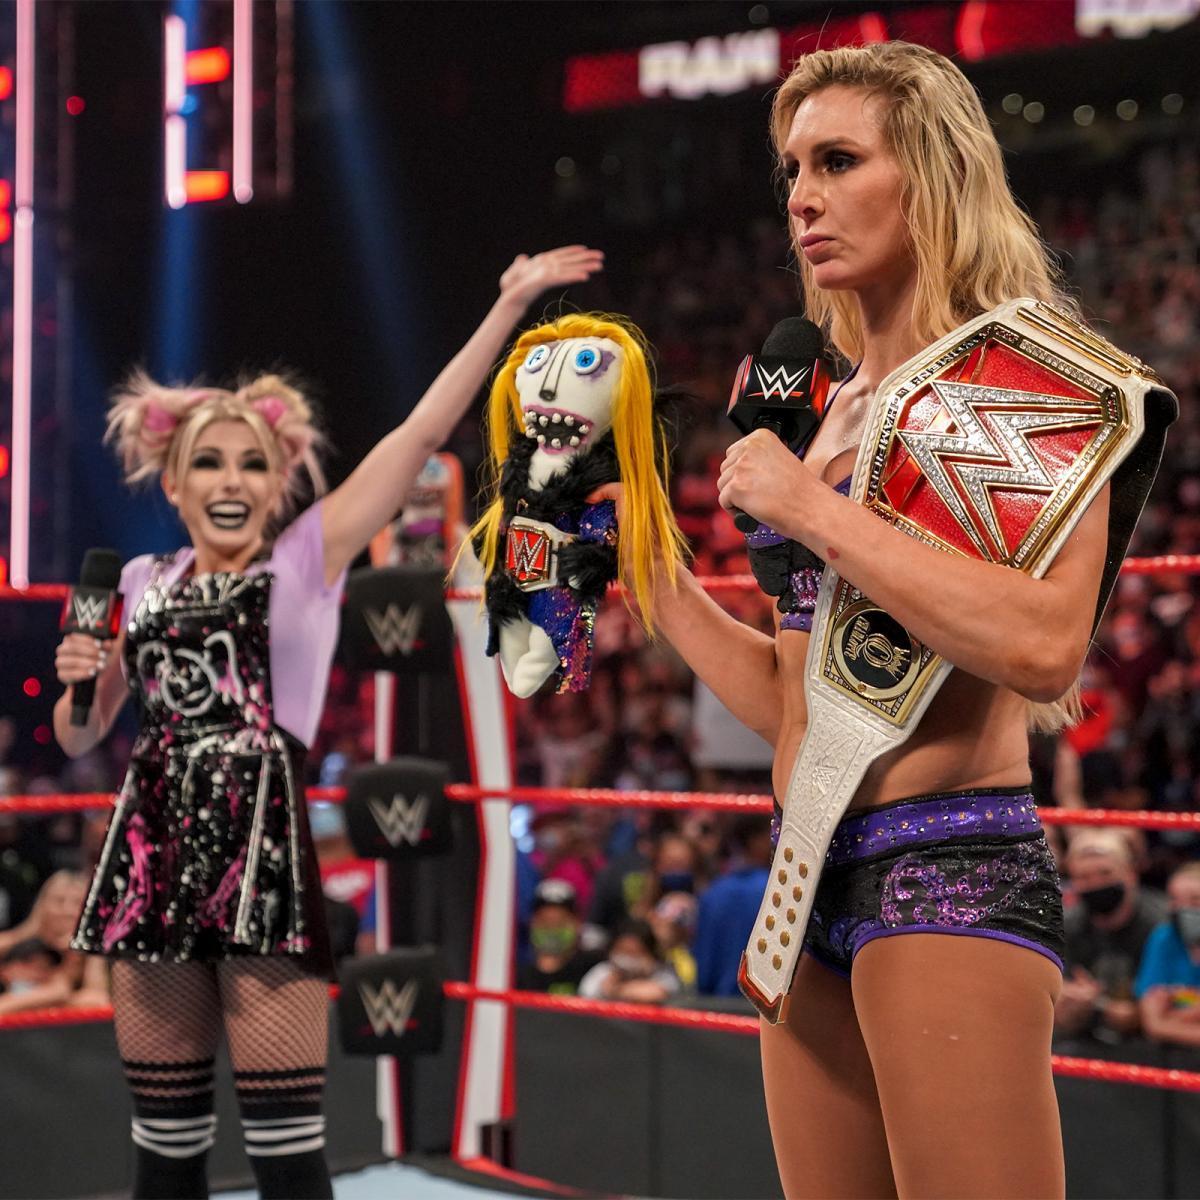 ブリスがフレアーに人形シャーリーをプレゼント ©2021 WWE, Inc. All Rights Reserved